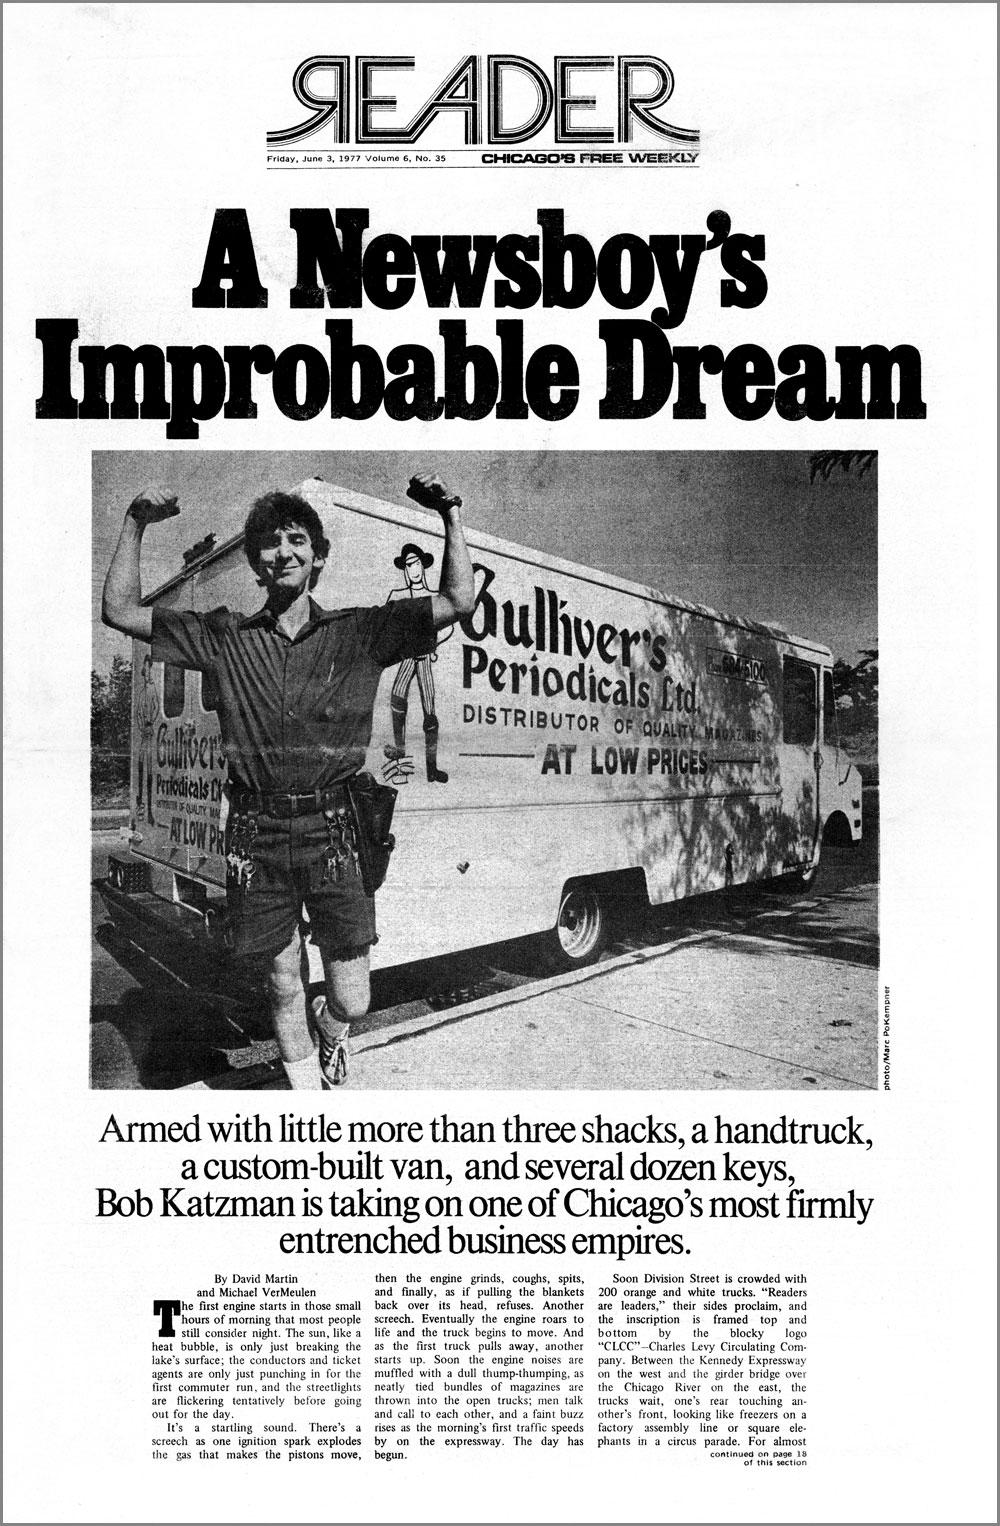 Chicago Reader, June 3, 1977: Bob Katzman of Gulliver's Periodicals